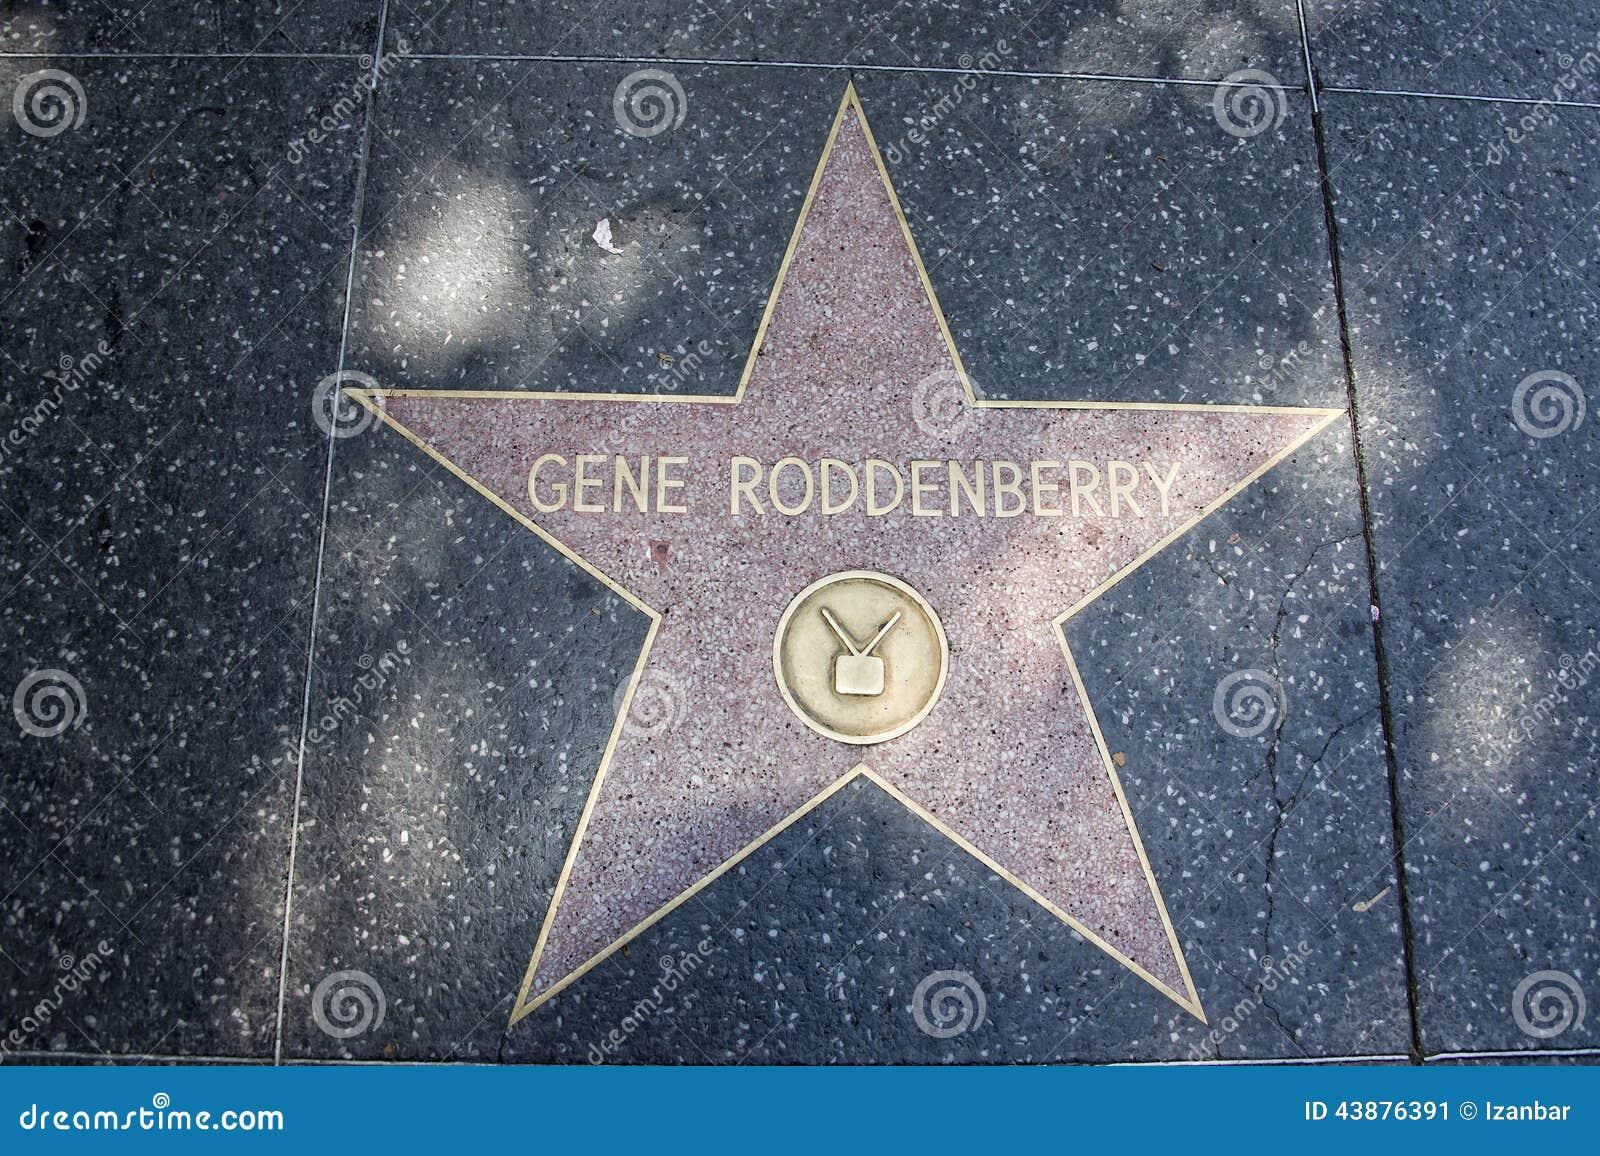 Caminhada de Hollywood do criador de Gene Rodenberry da fama de Star Trek